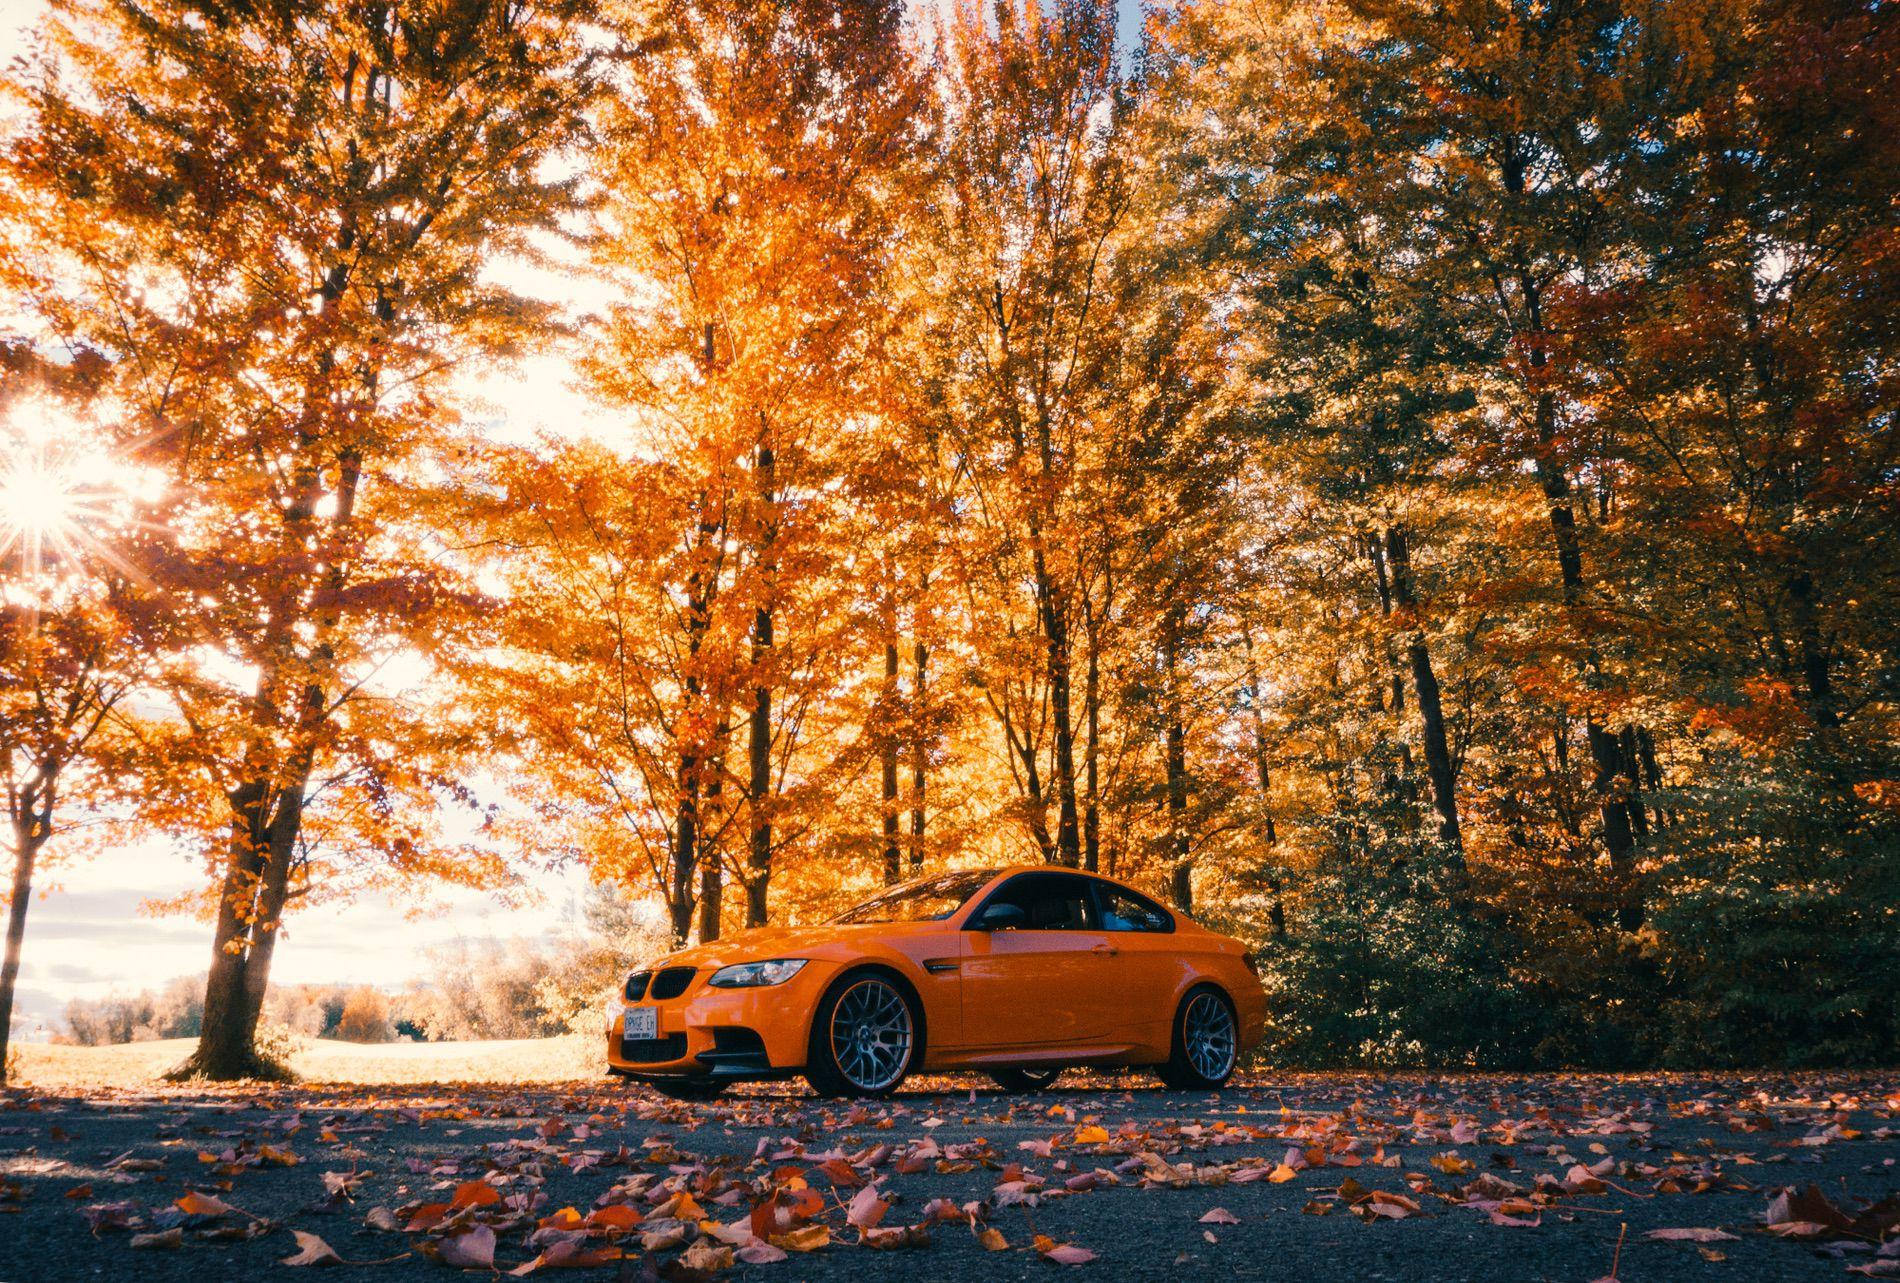 Fire Orange E92 M3 08